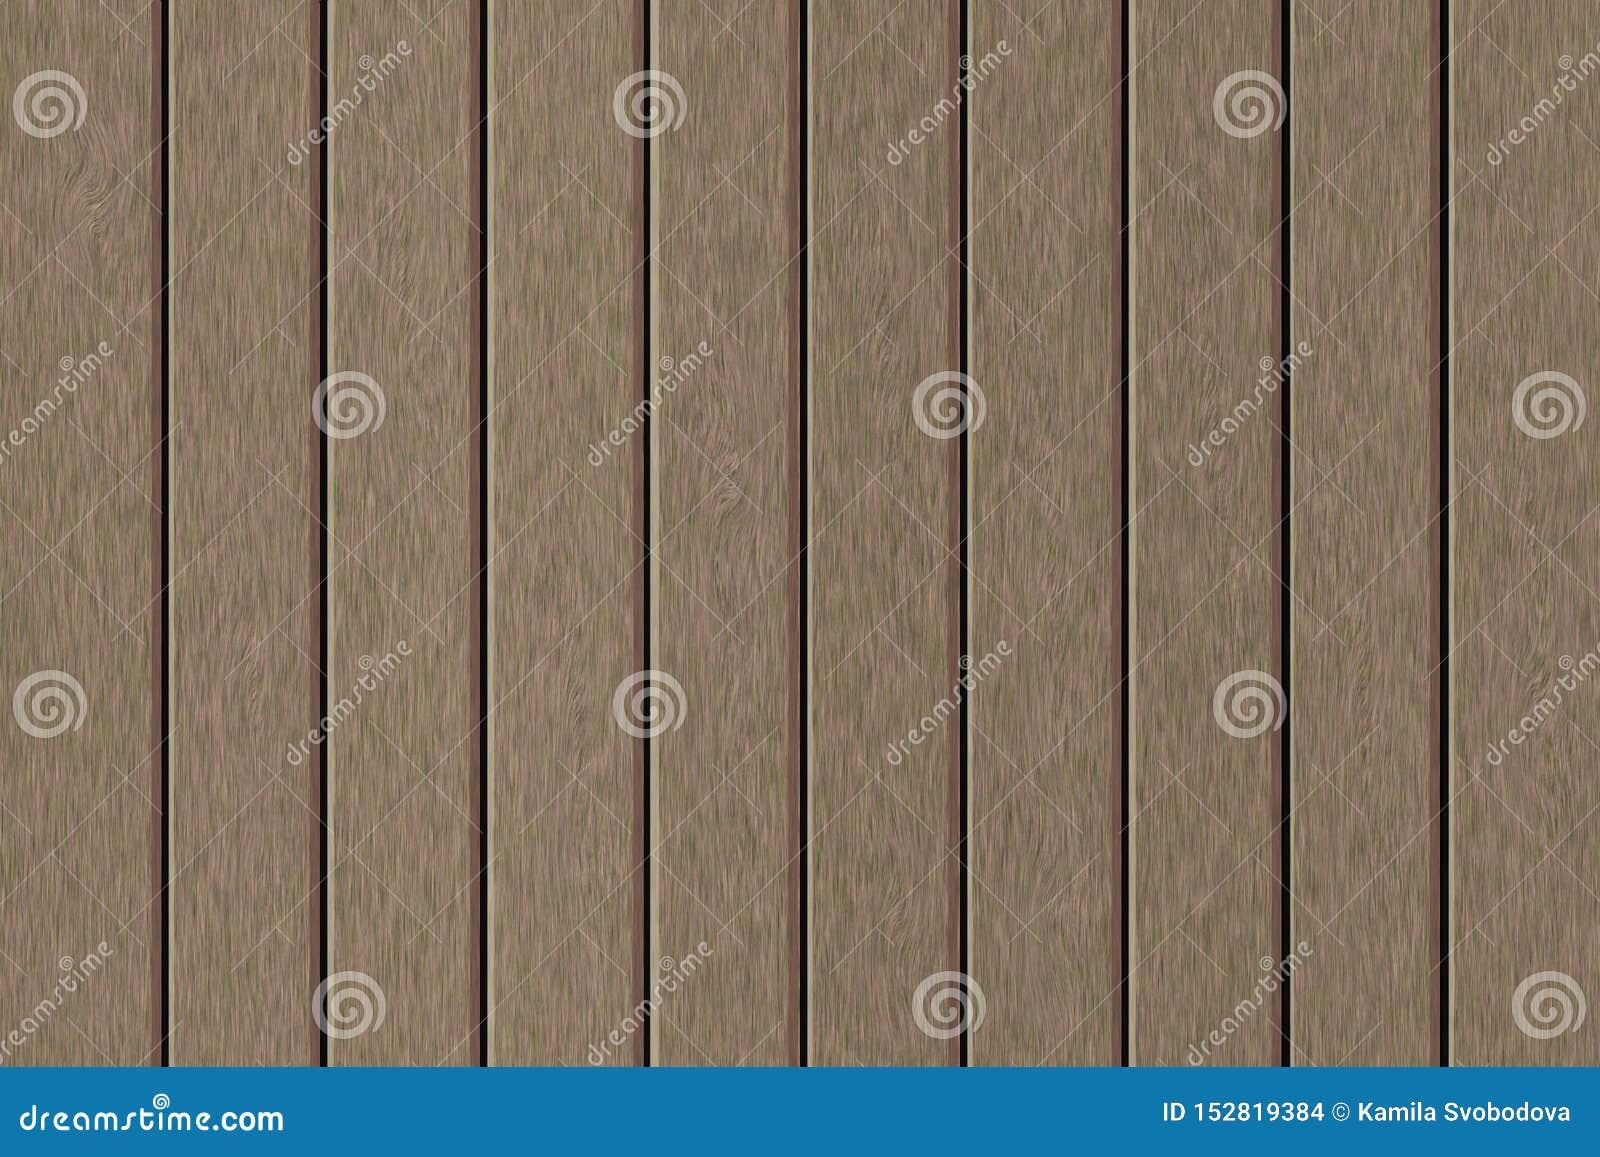 Kader met imitatie van grijsachtige houten planken wordt gevuld die